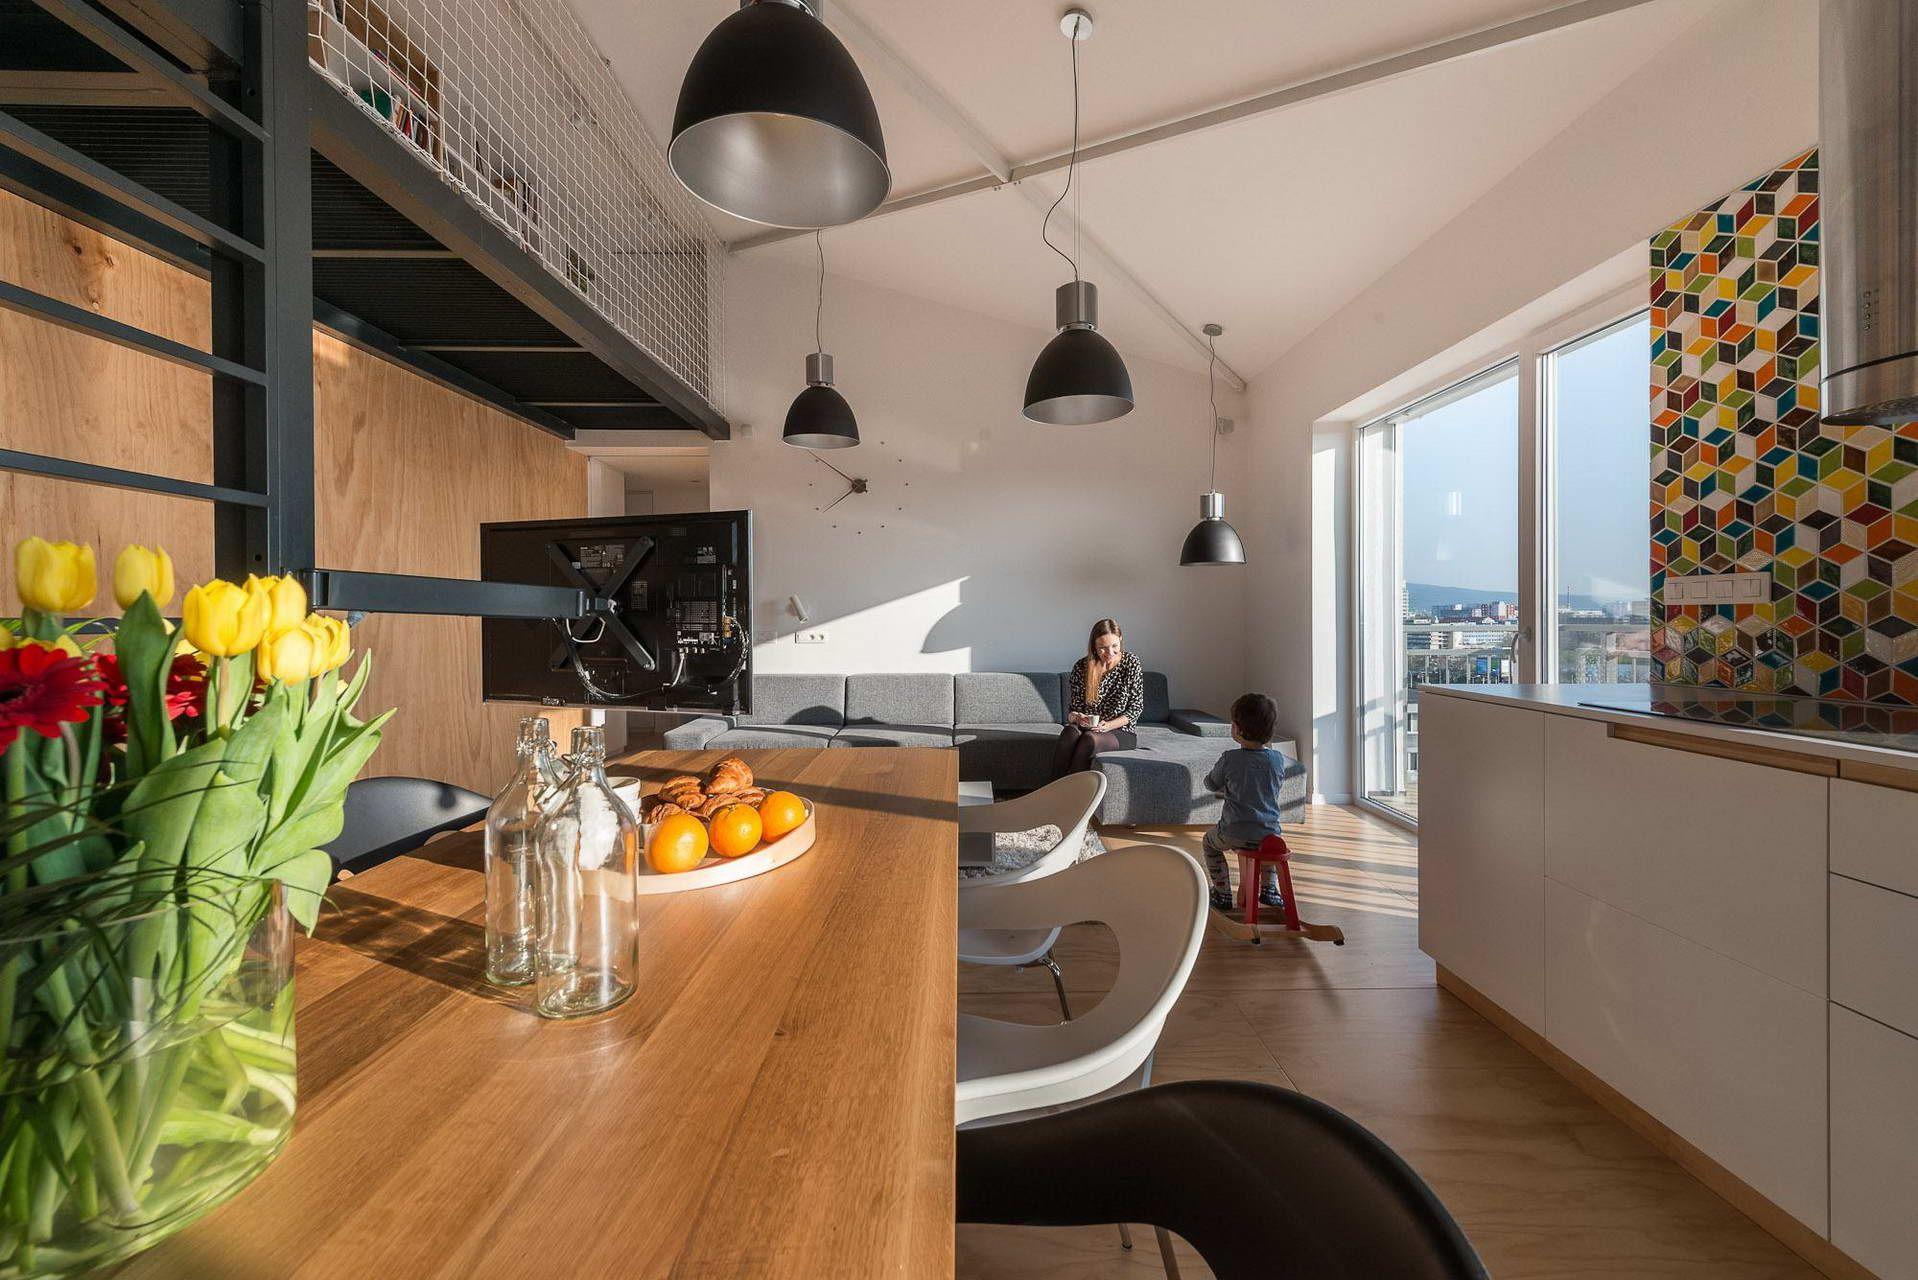 Loft lakás a tetőtérben - 95 négyzetméter 3 szoba és egy 4 tagú ...